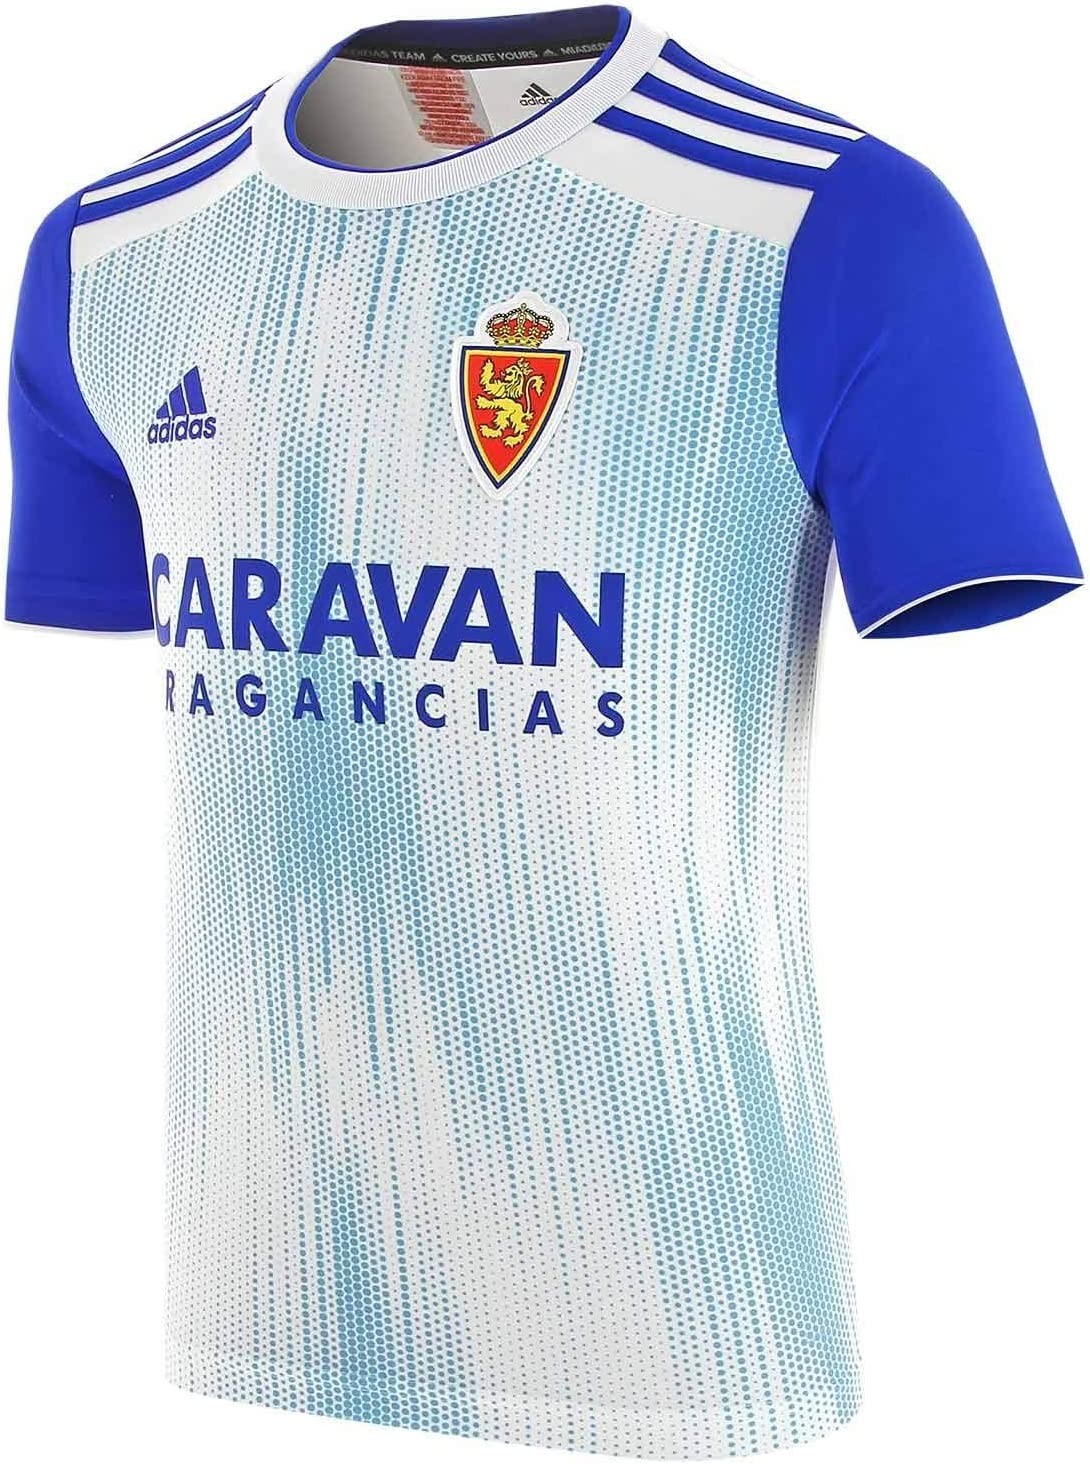 adidas Real Zaragoza Primera Equipación 2019-2020 Niño, Camiseta, White-Light Blue: Amazon.es: Deportes y aire libre